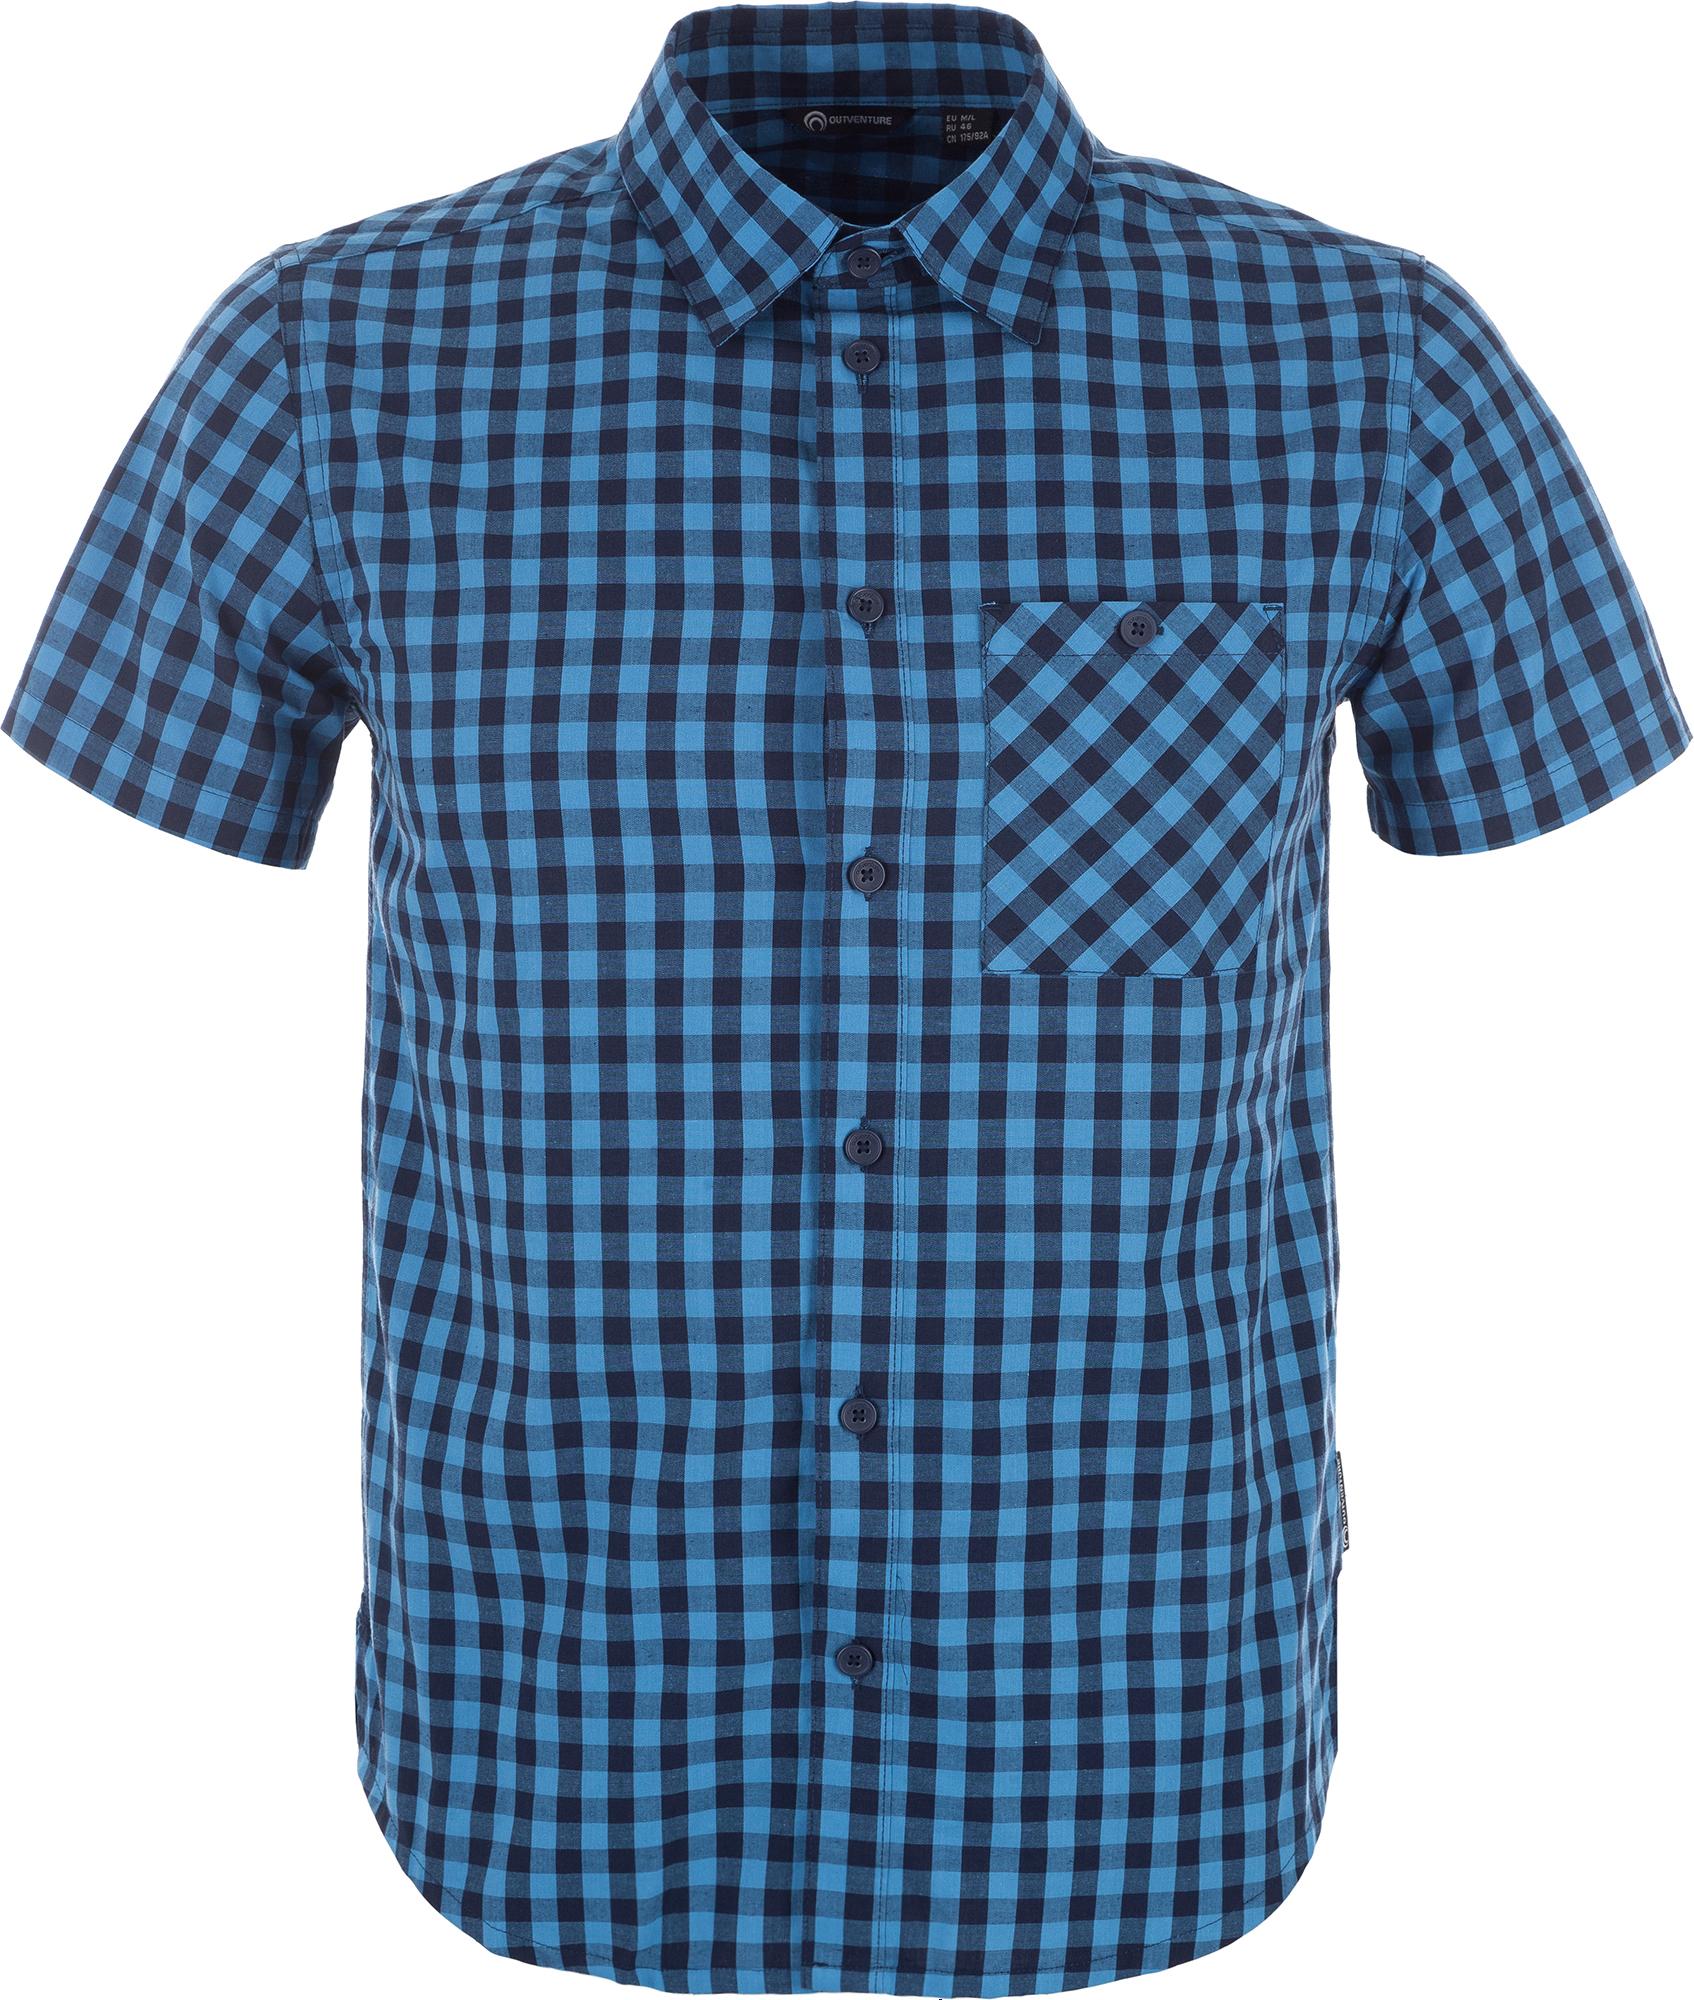 цена на Outventure Рубашка мужская Outventure, размер 56